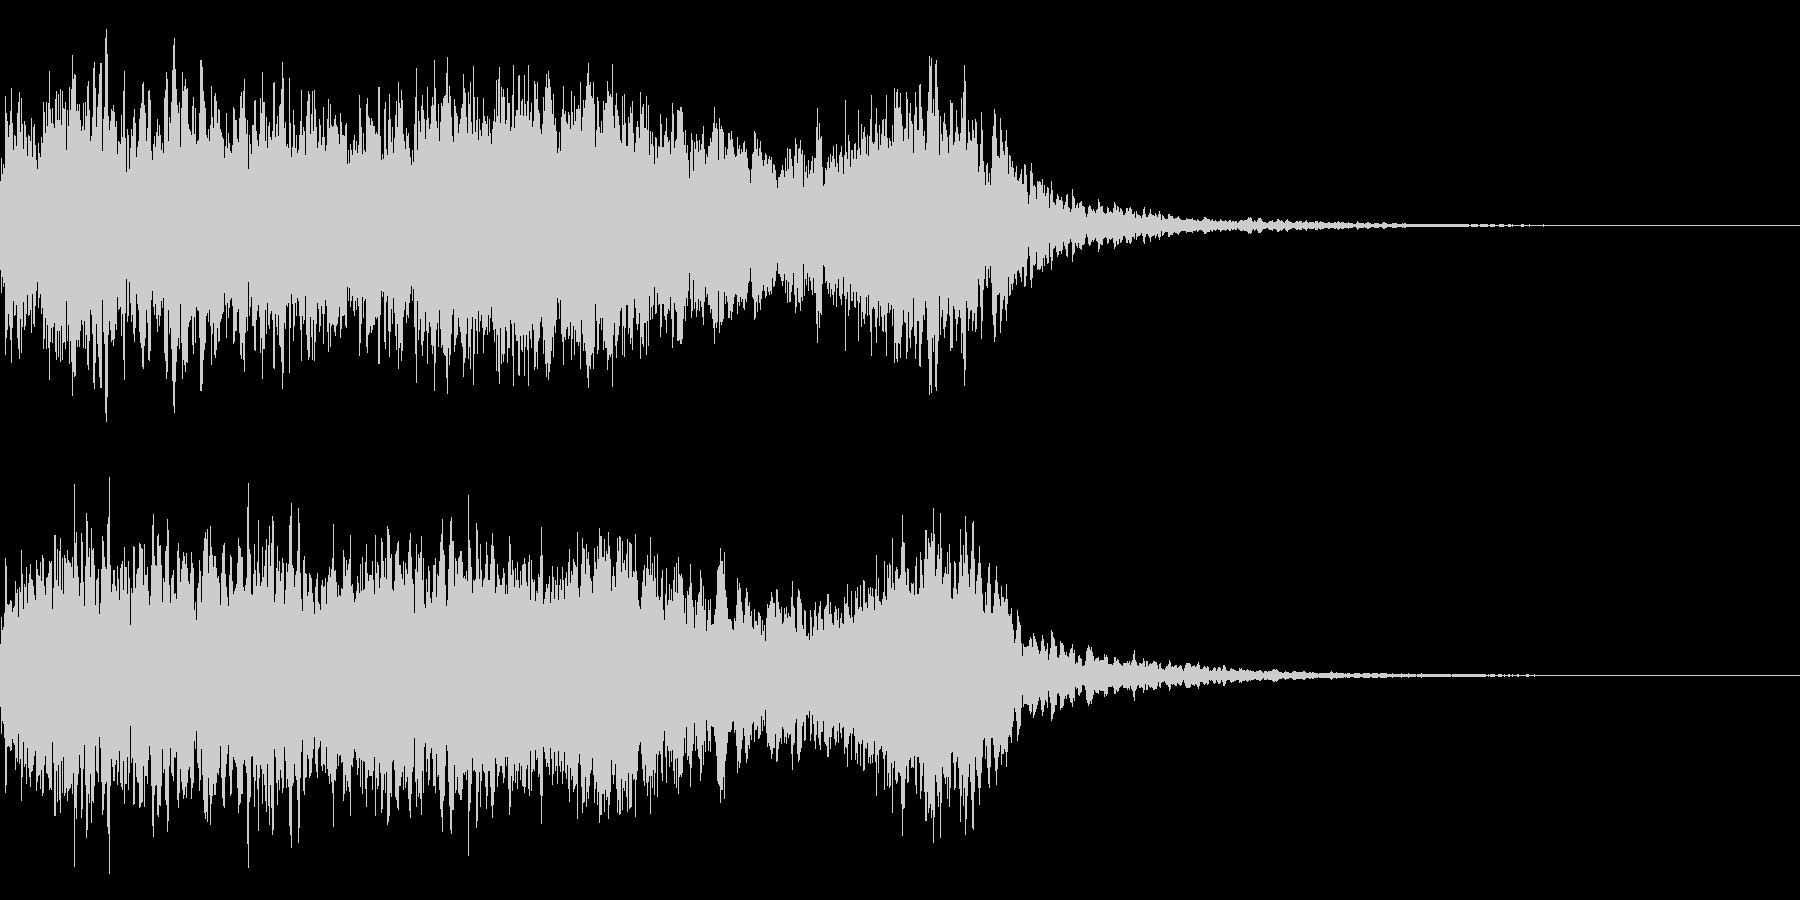 神社 結婚式の笛(笙)和風フレーズ!05の未再生の波形